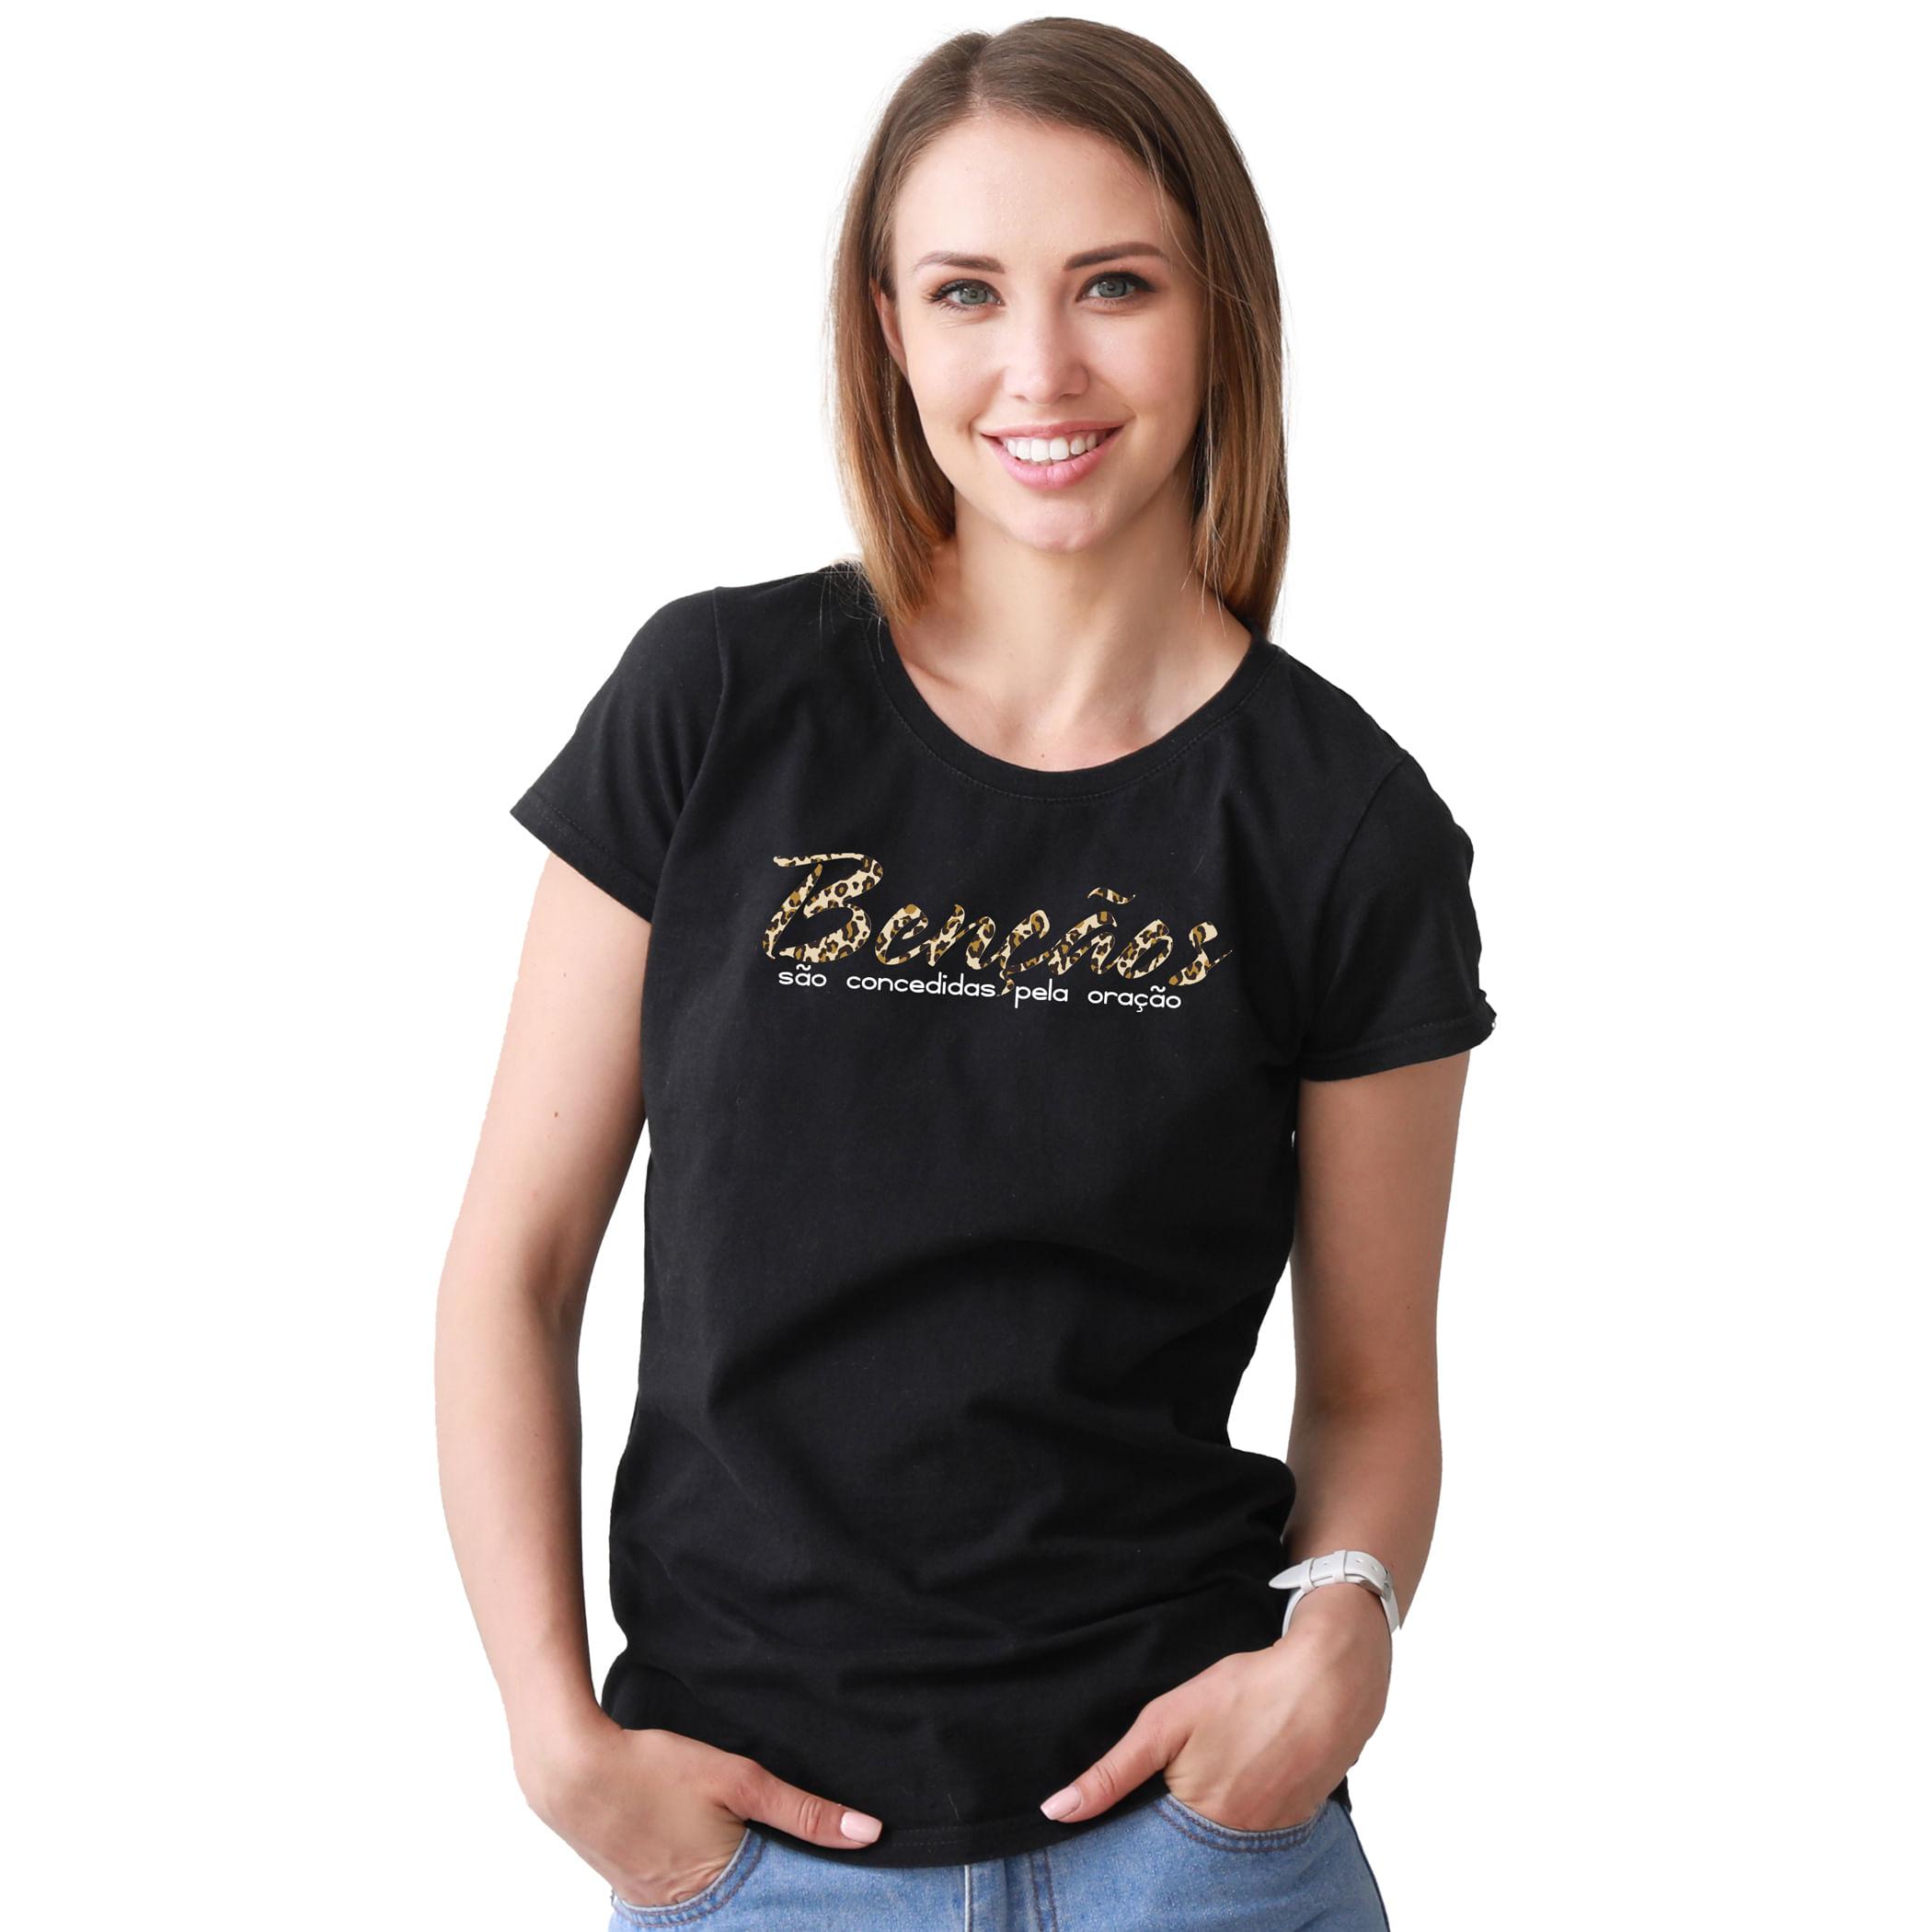 Camiseta-Feminina-Crista-Bencaos-Sao-Concedidas-Pela-Oracao---Palavra-De-Luz